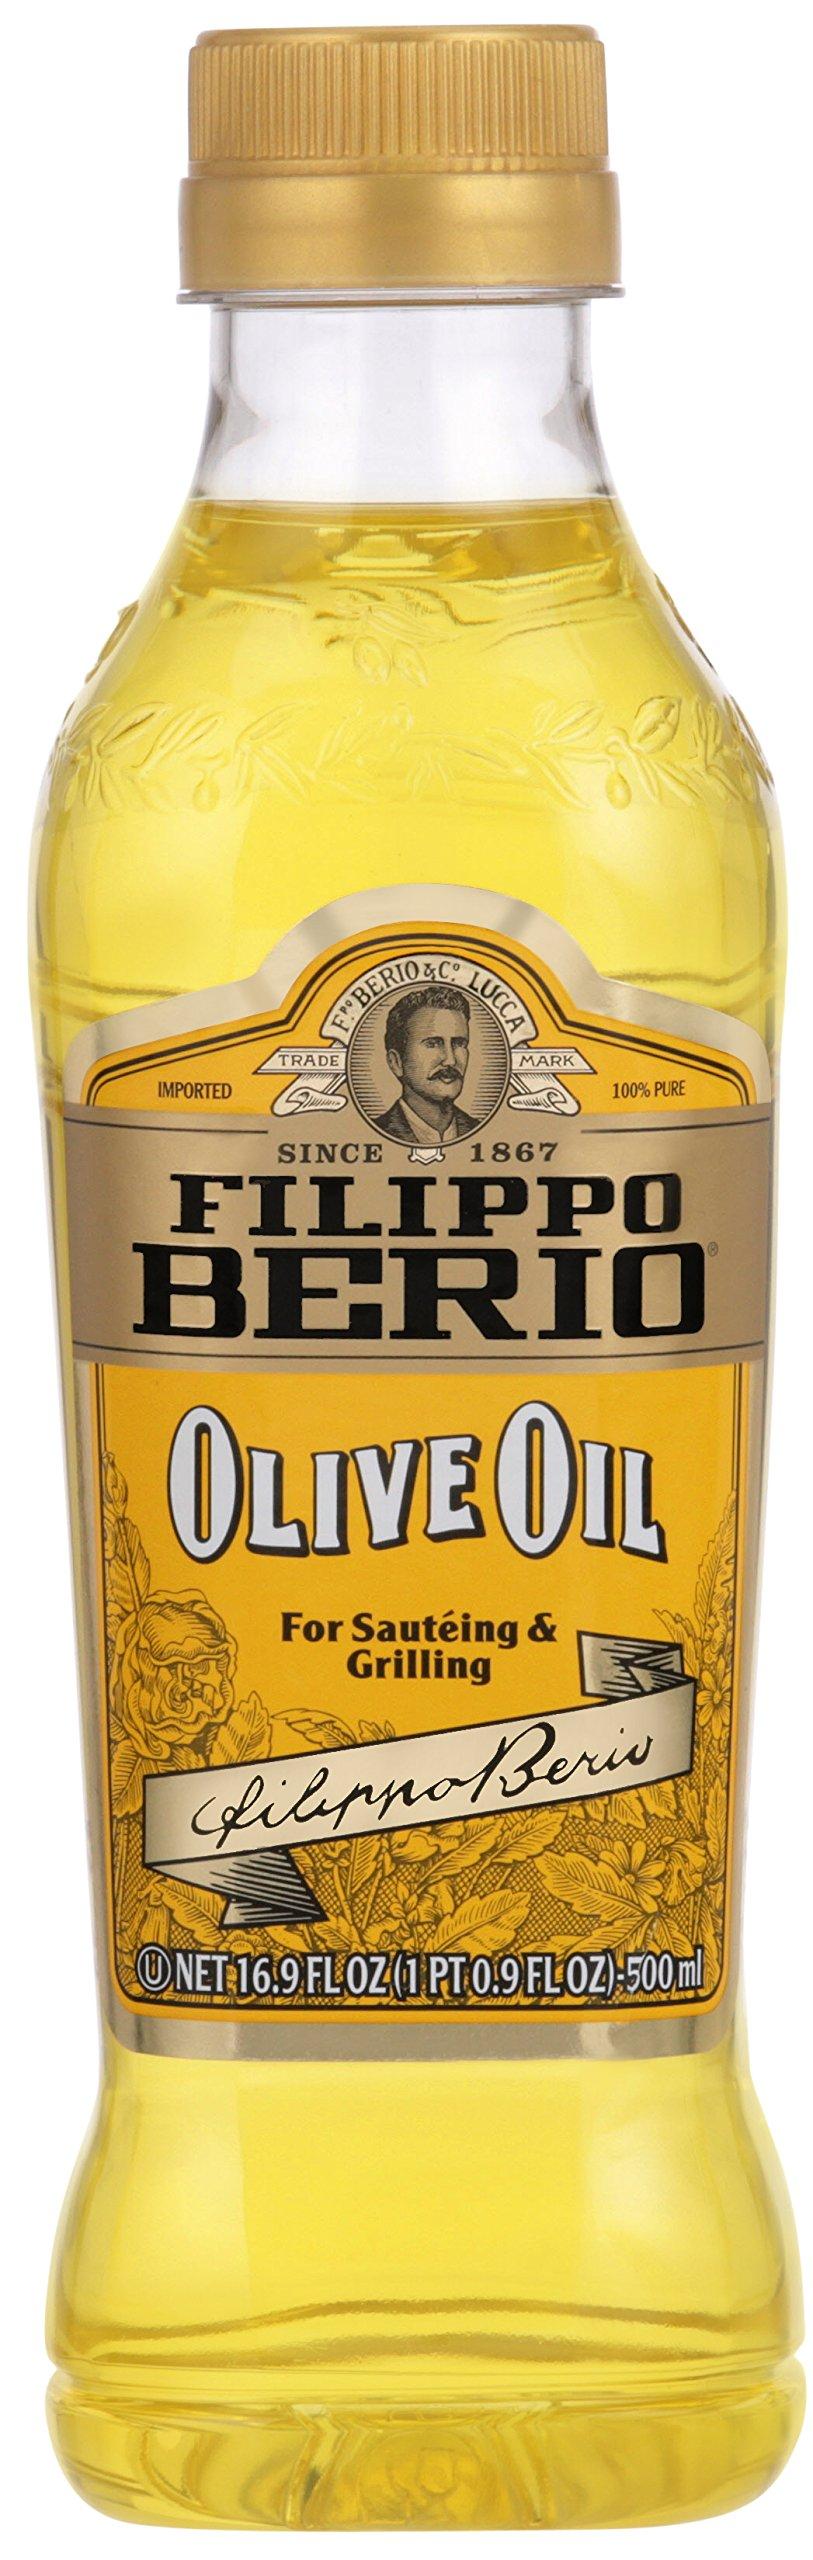 Filippo Berio Olive Oil, 16.9 Ounce by Filippo Berio (Image #1)